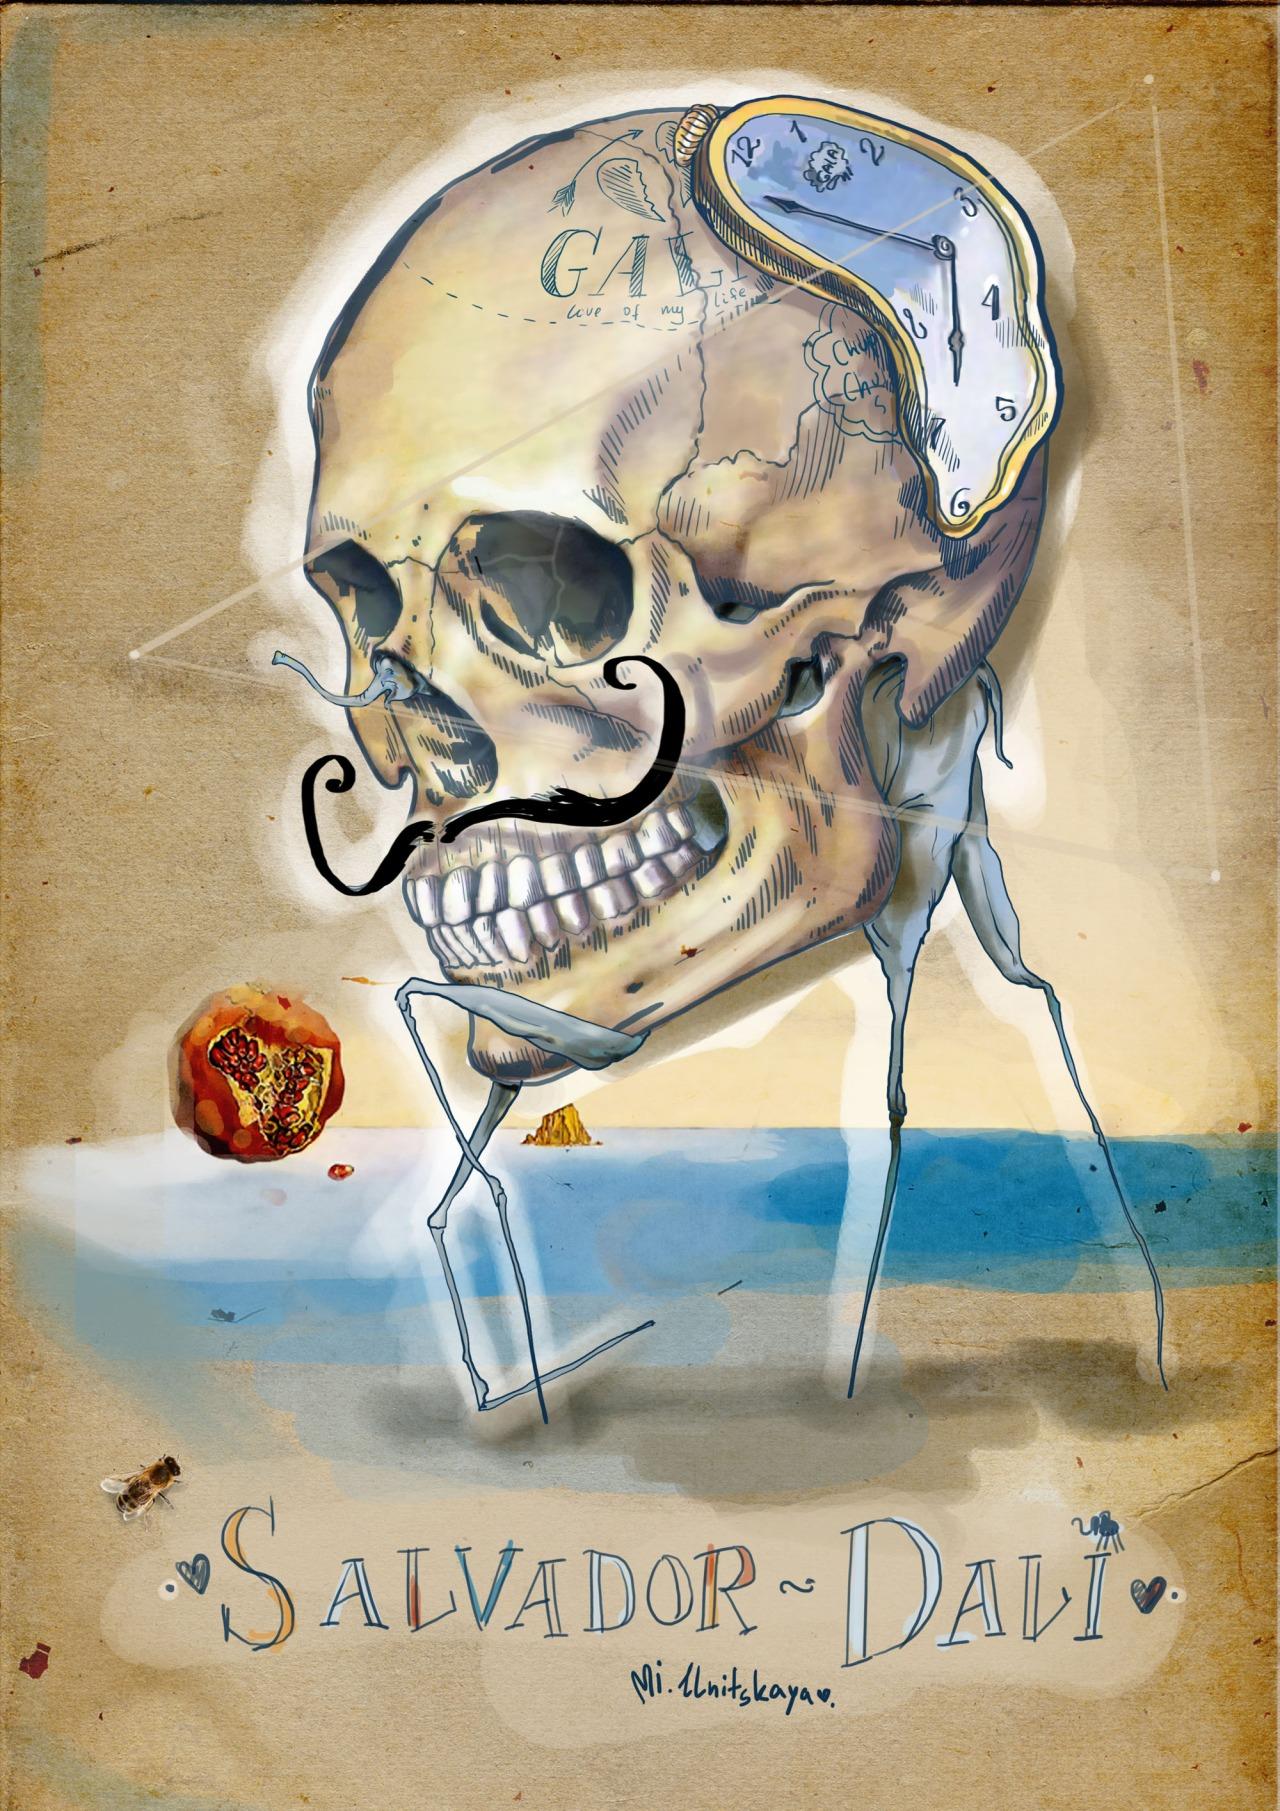 mimi ilnitskaya illustration 11